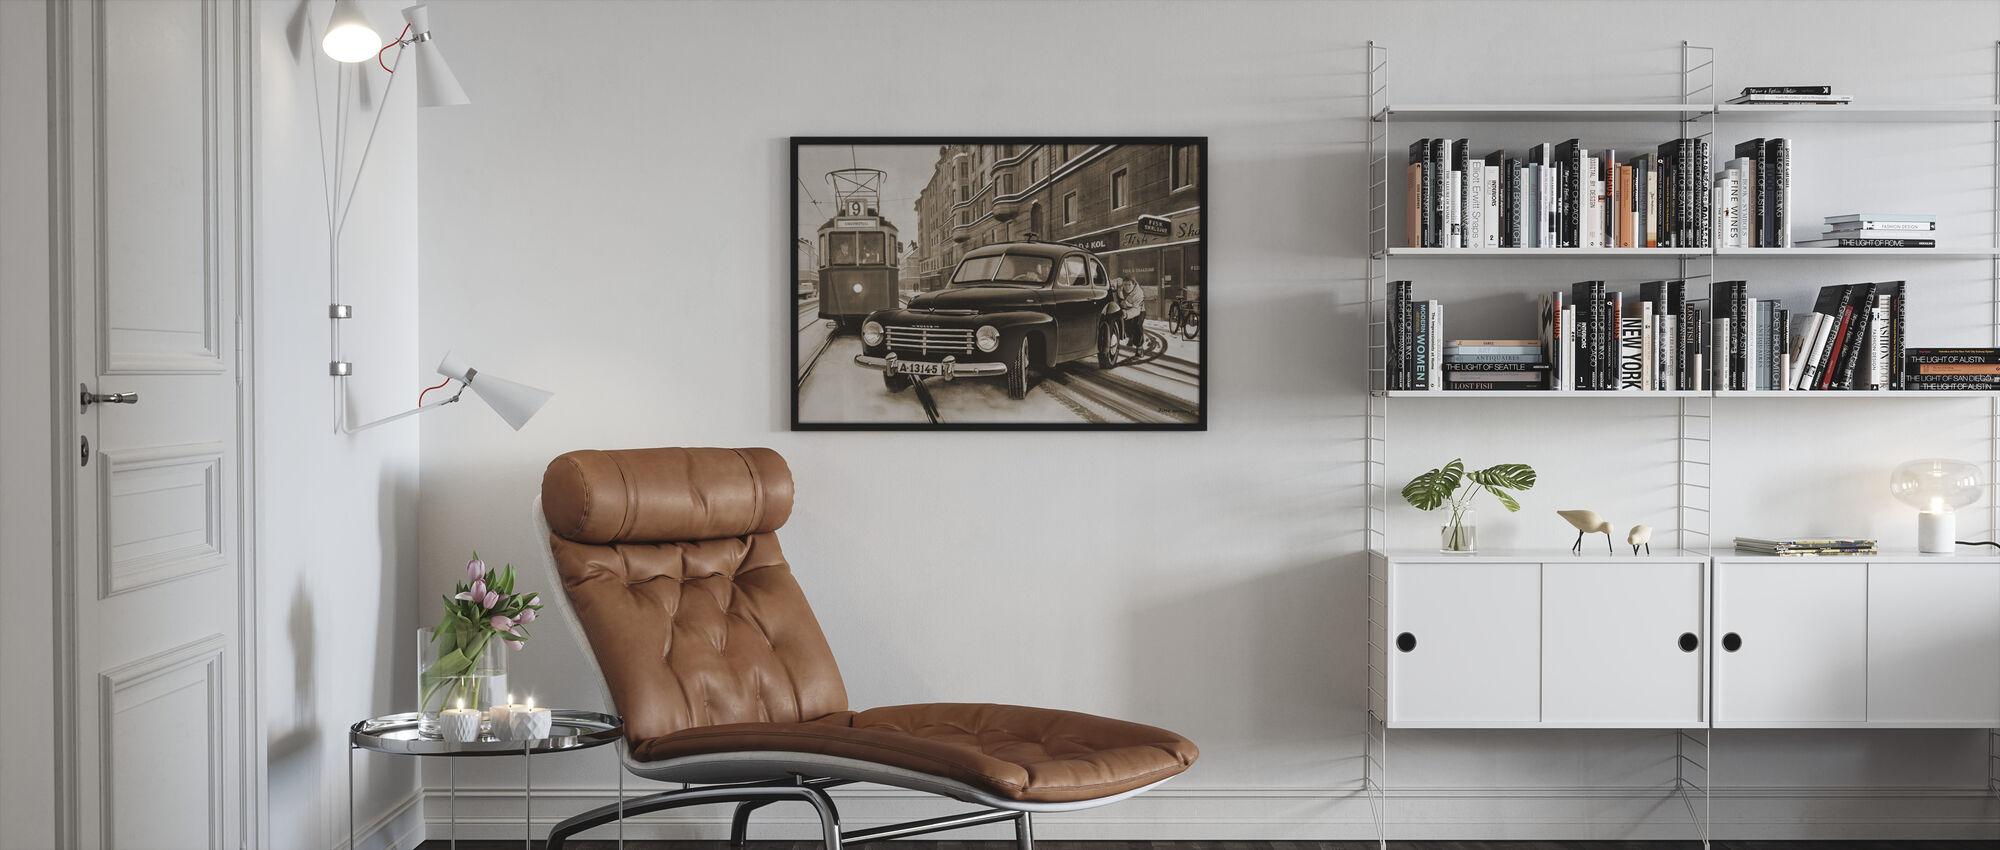 PV In Stockholm, Sweden - Framed print - Living Room